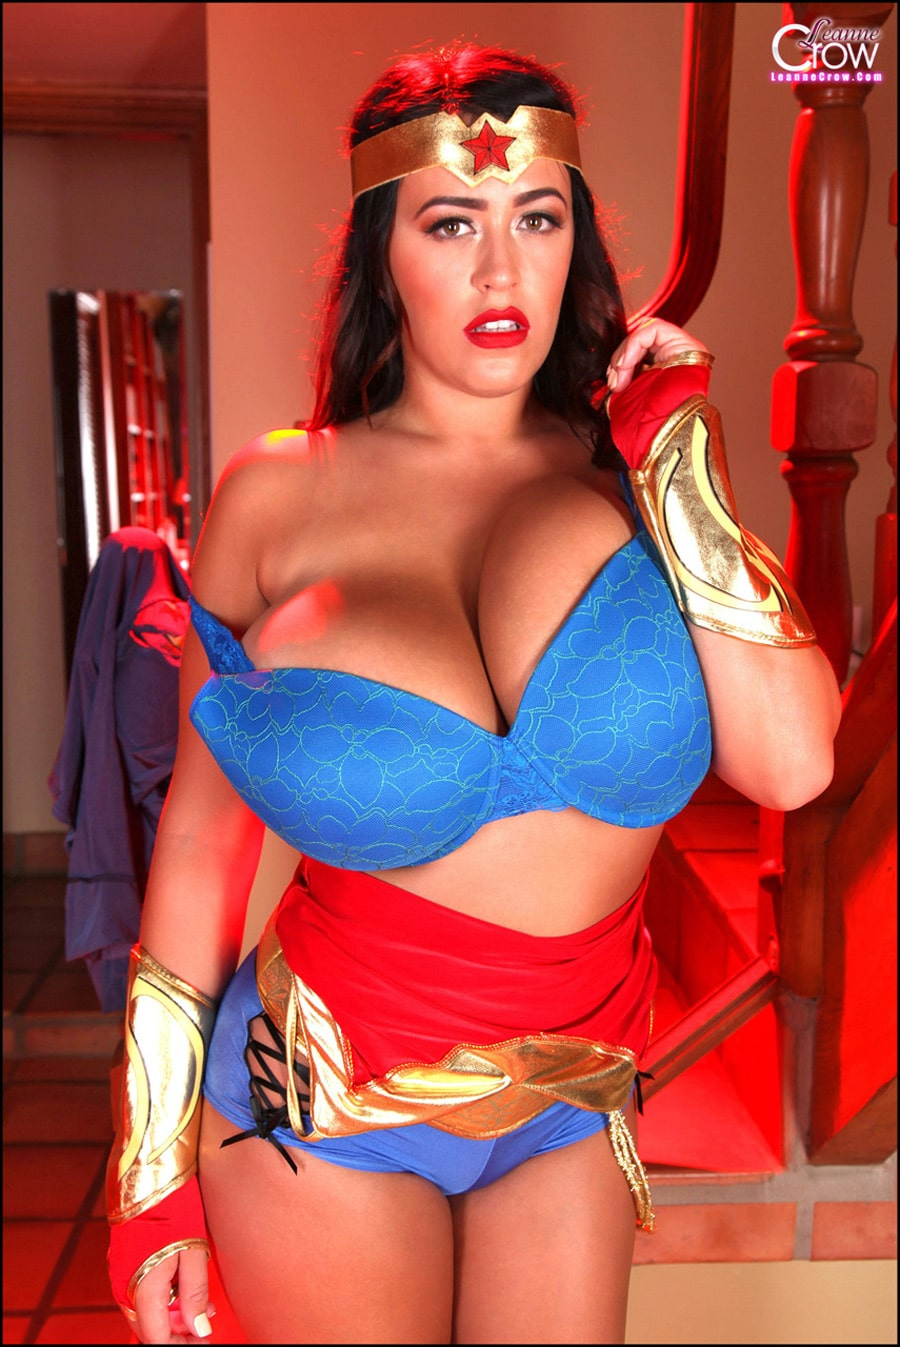 Wonder woman pornstar gorgeous Das